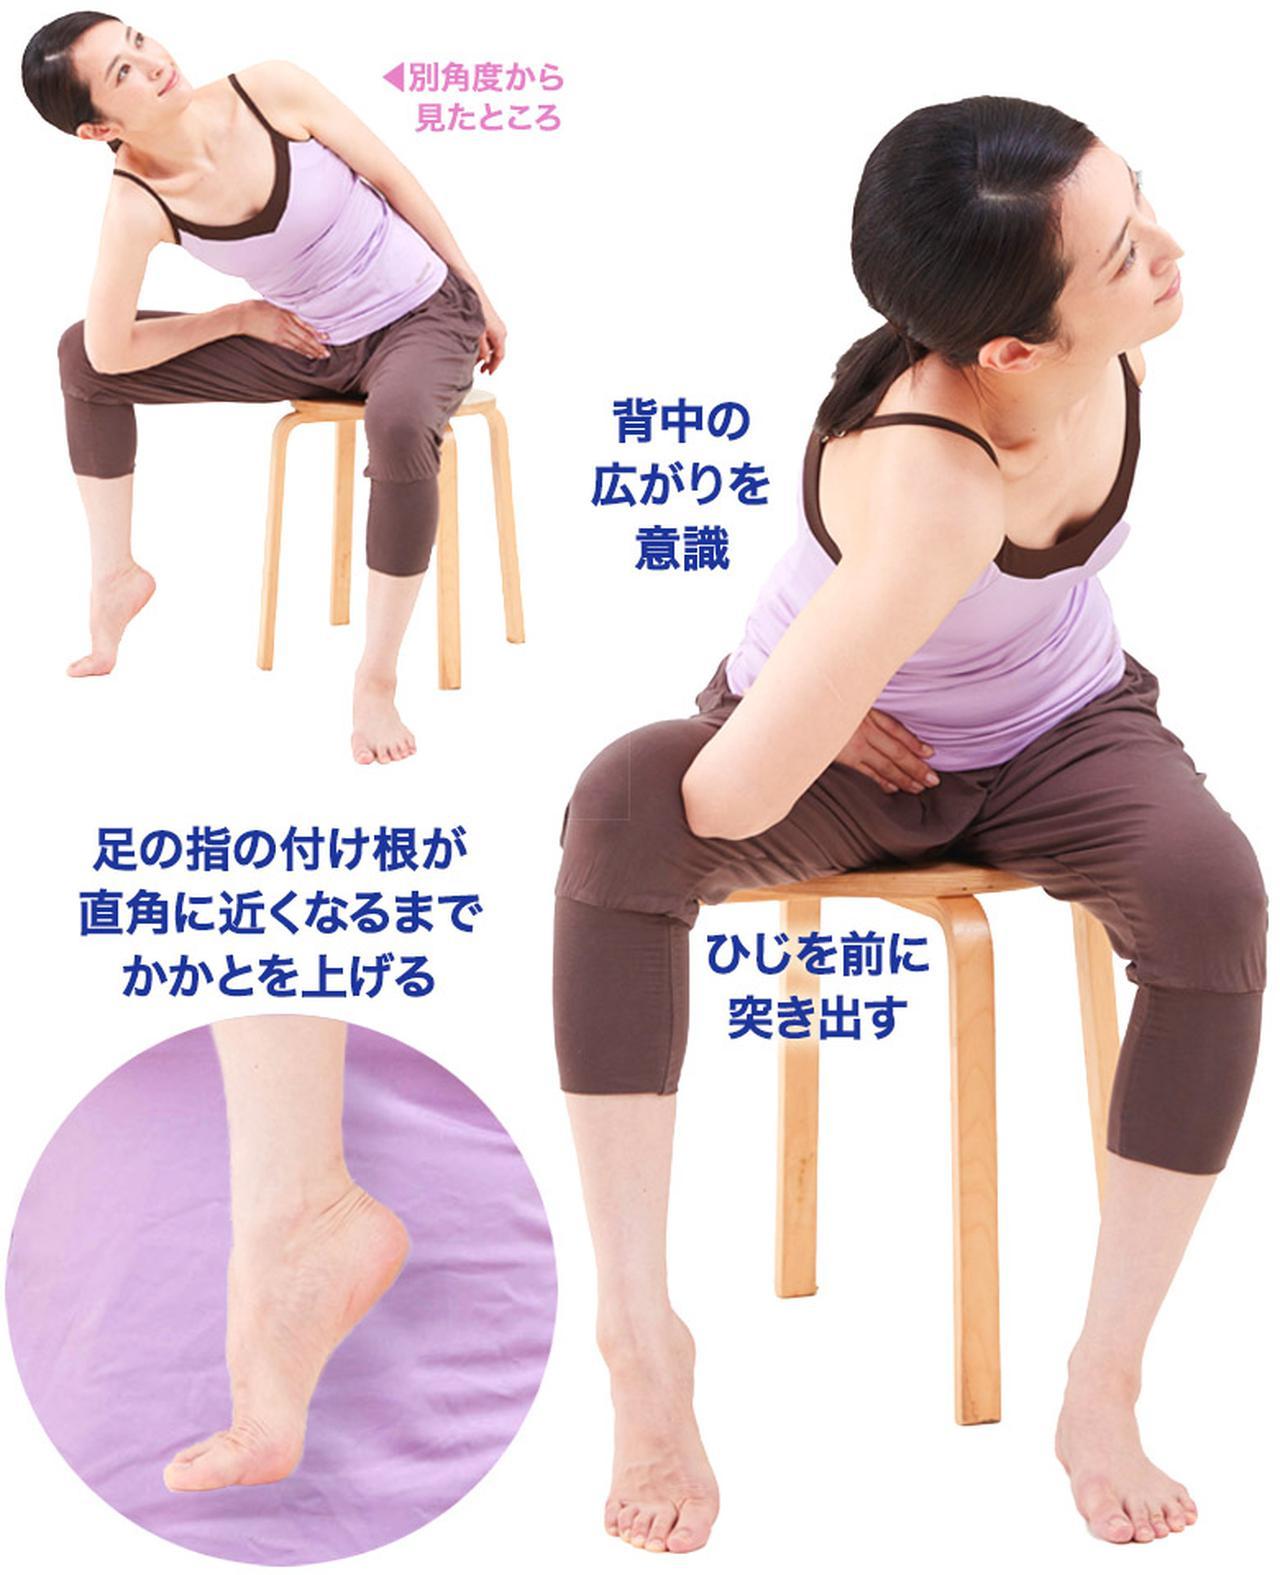 画像9: 【体を柔らかくする方法】一瞬で硬い体が柔らかくなる「美構造メソッド」のやり方